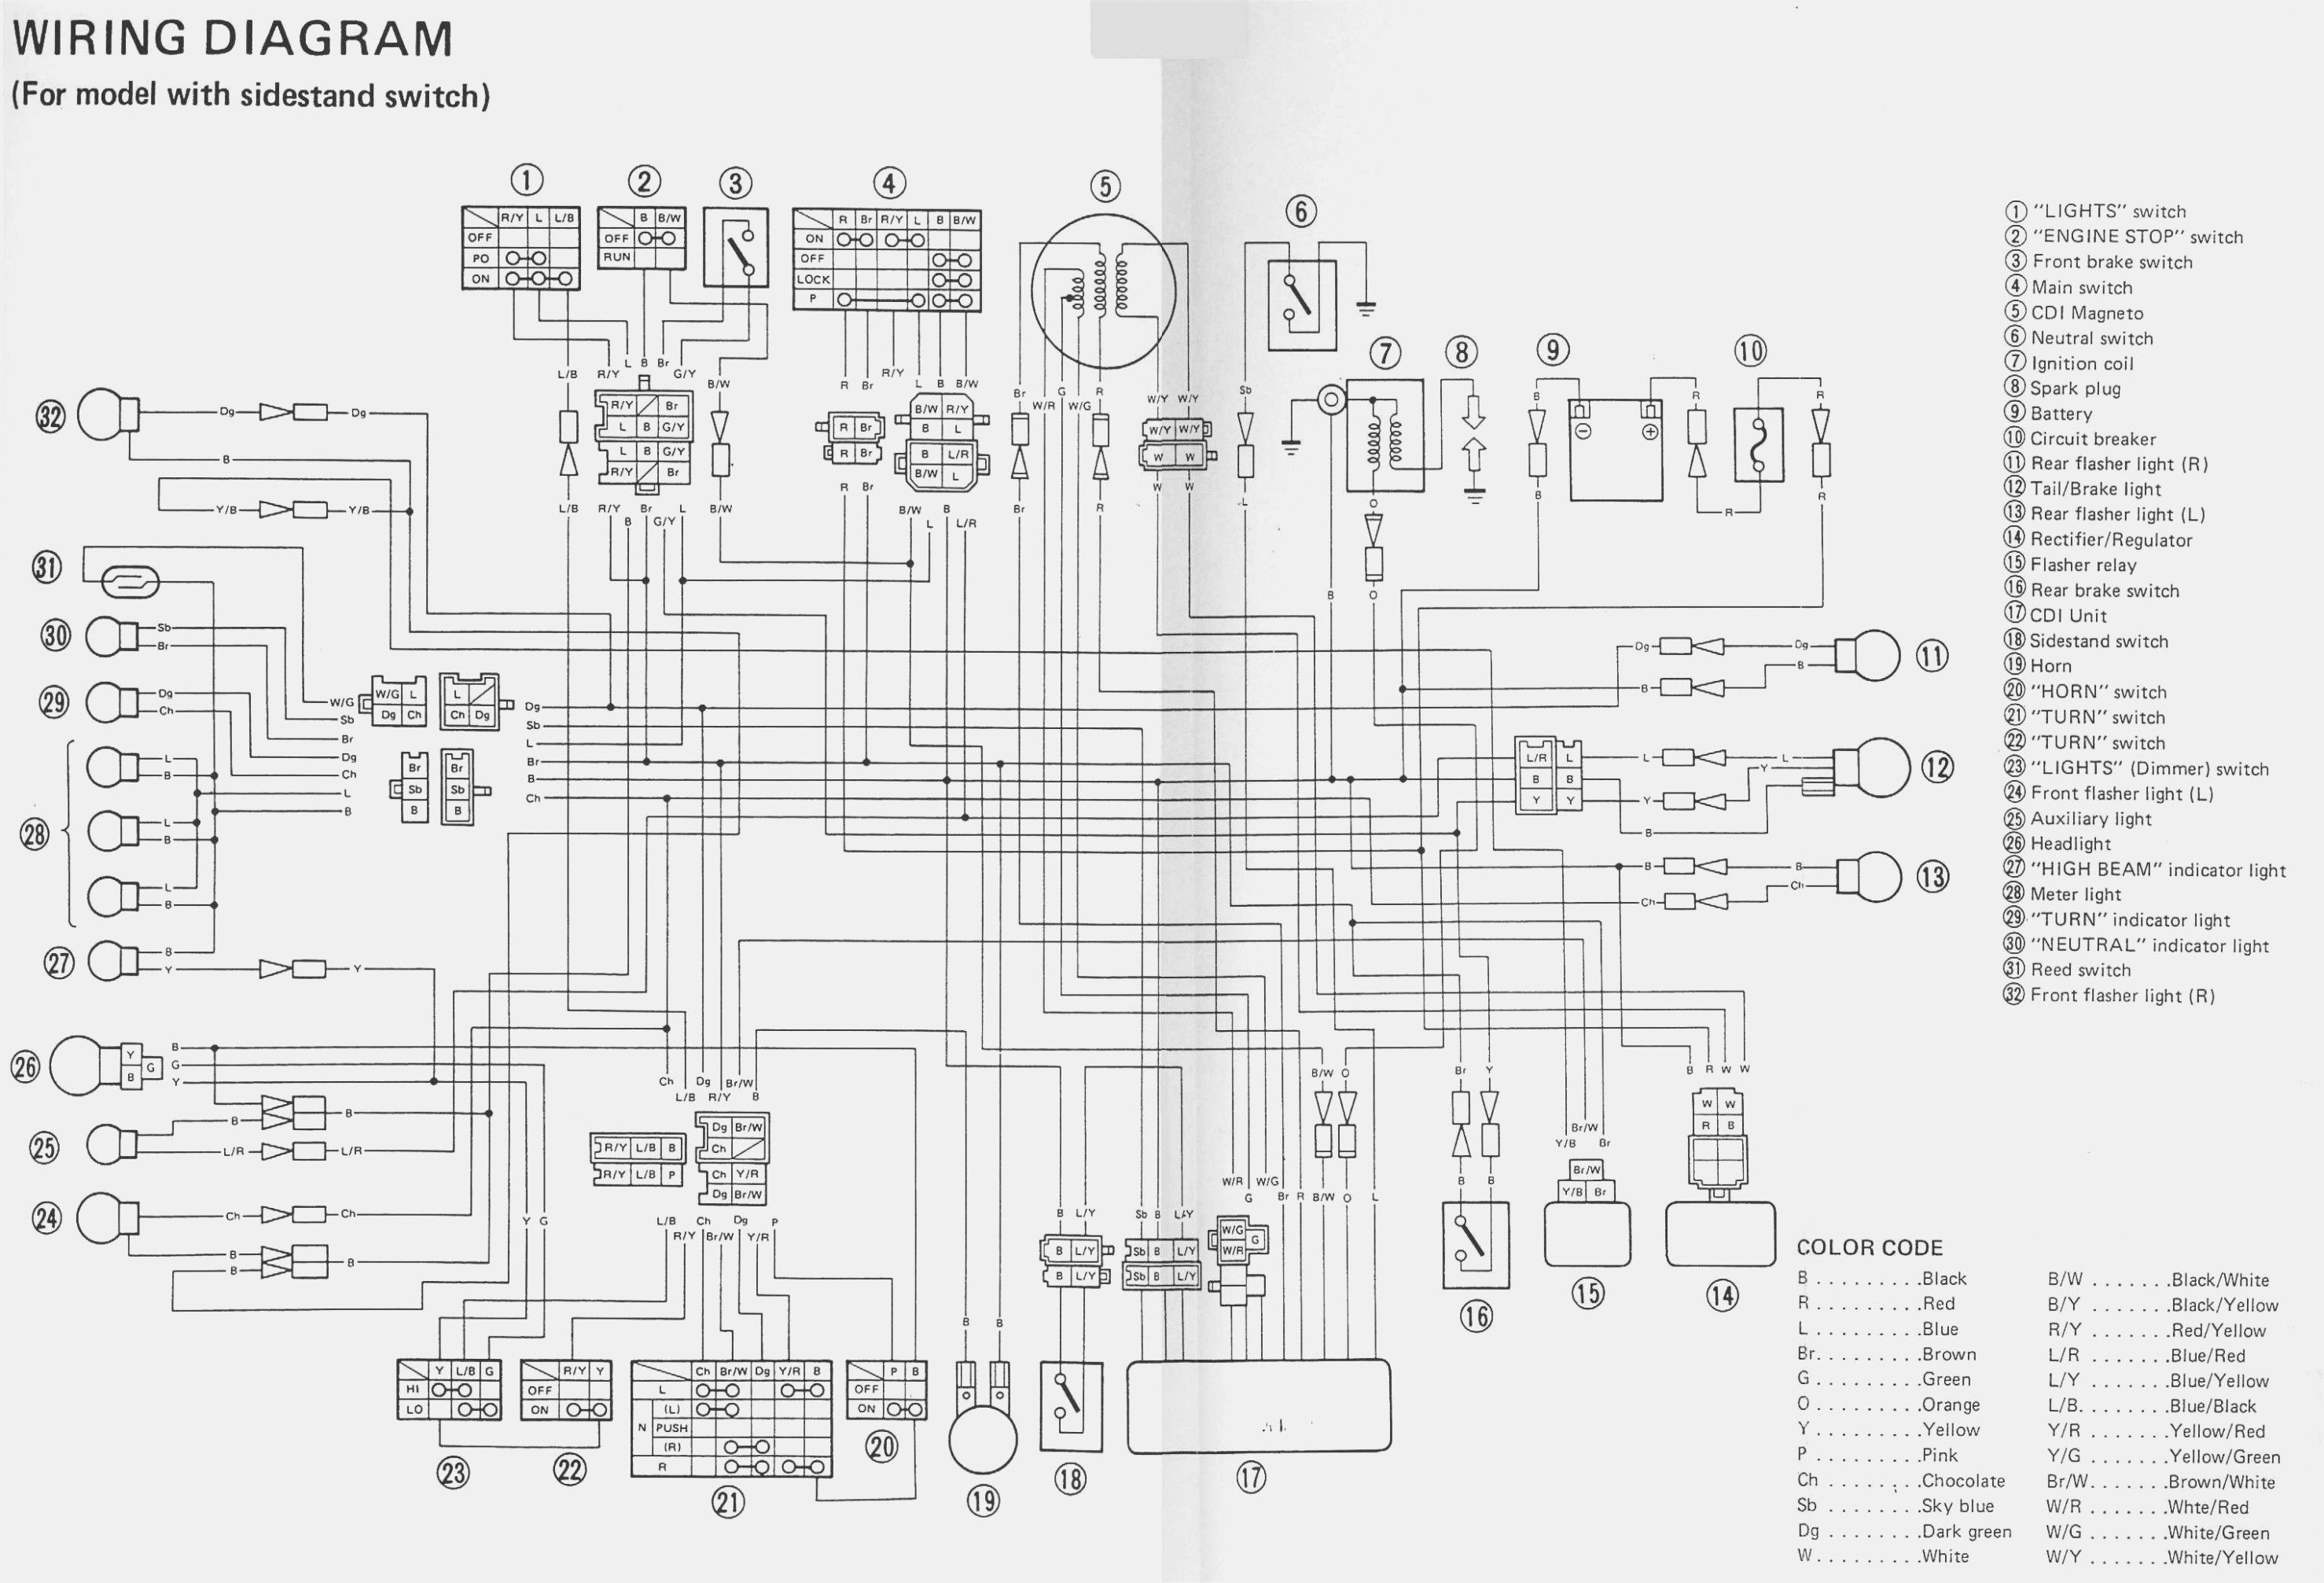 Yamaha Yfm350 Wiring Diagram - wiring diagram diode-proto -  diode-proto.salatinosimone.itsalatinosimone.it